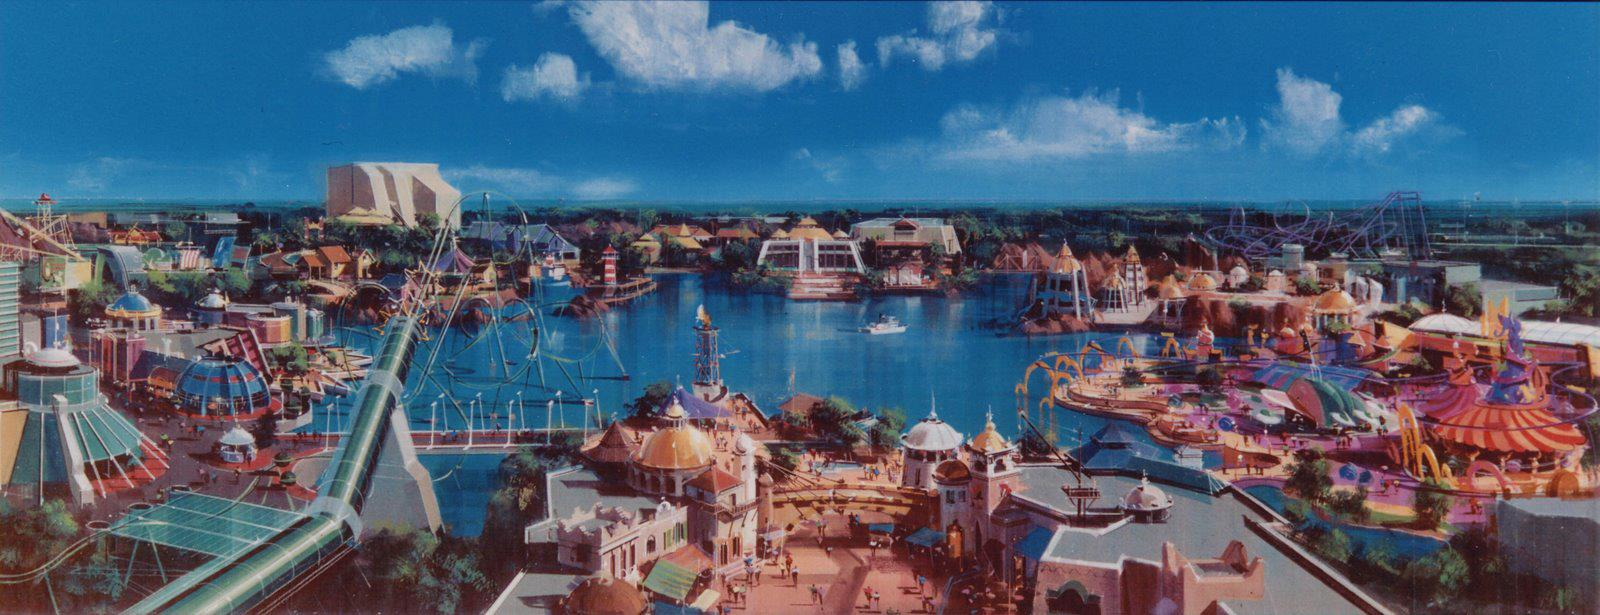 universal islands of adventure concept art artwork rendering